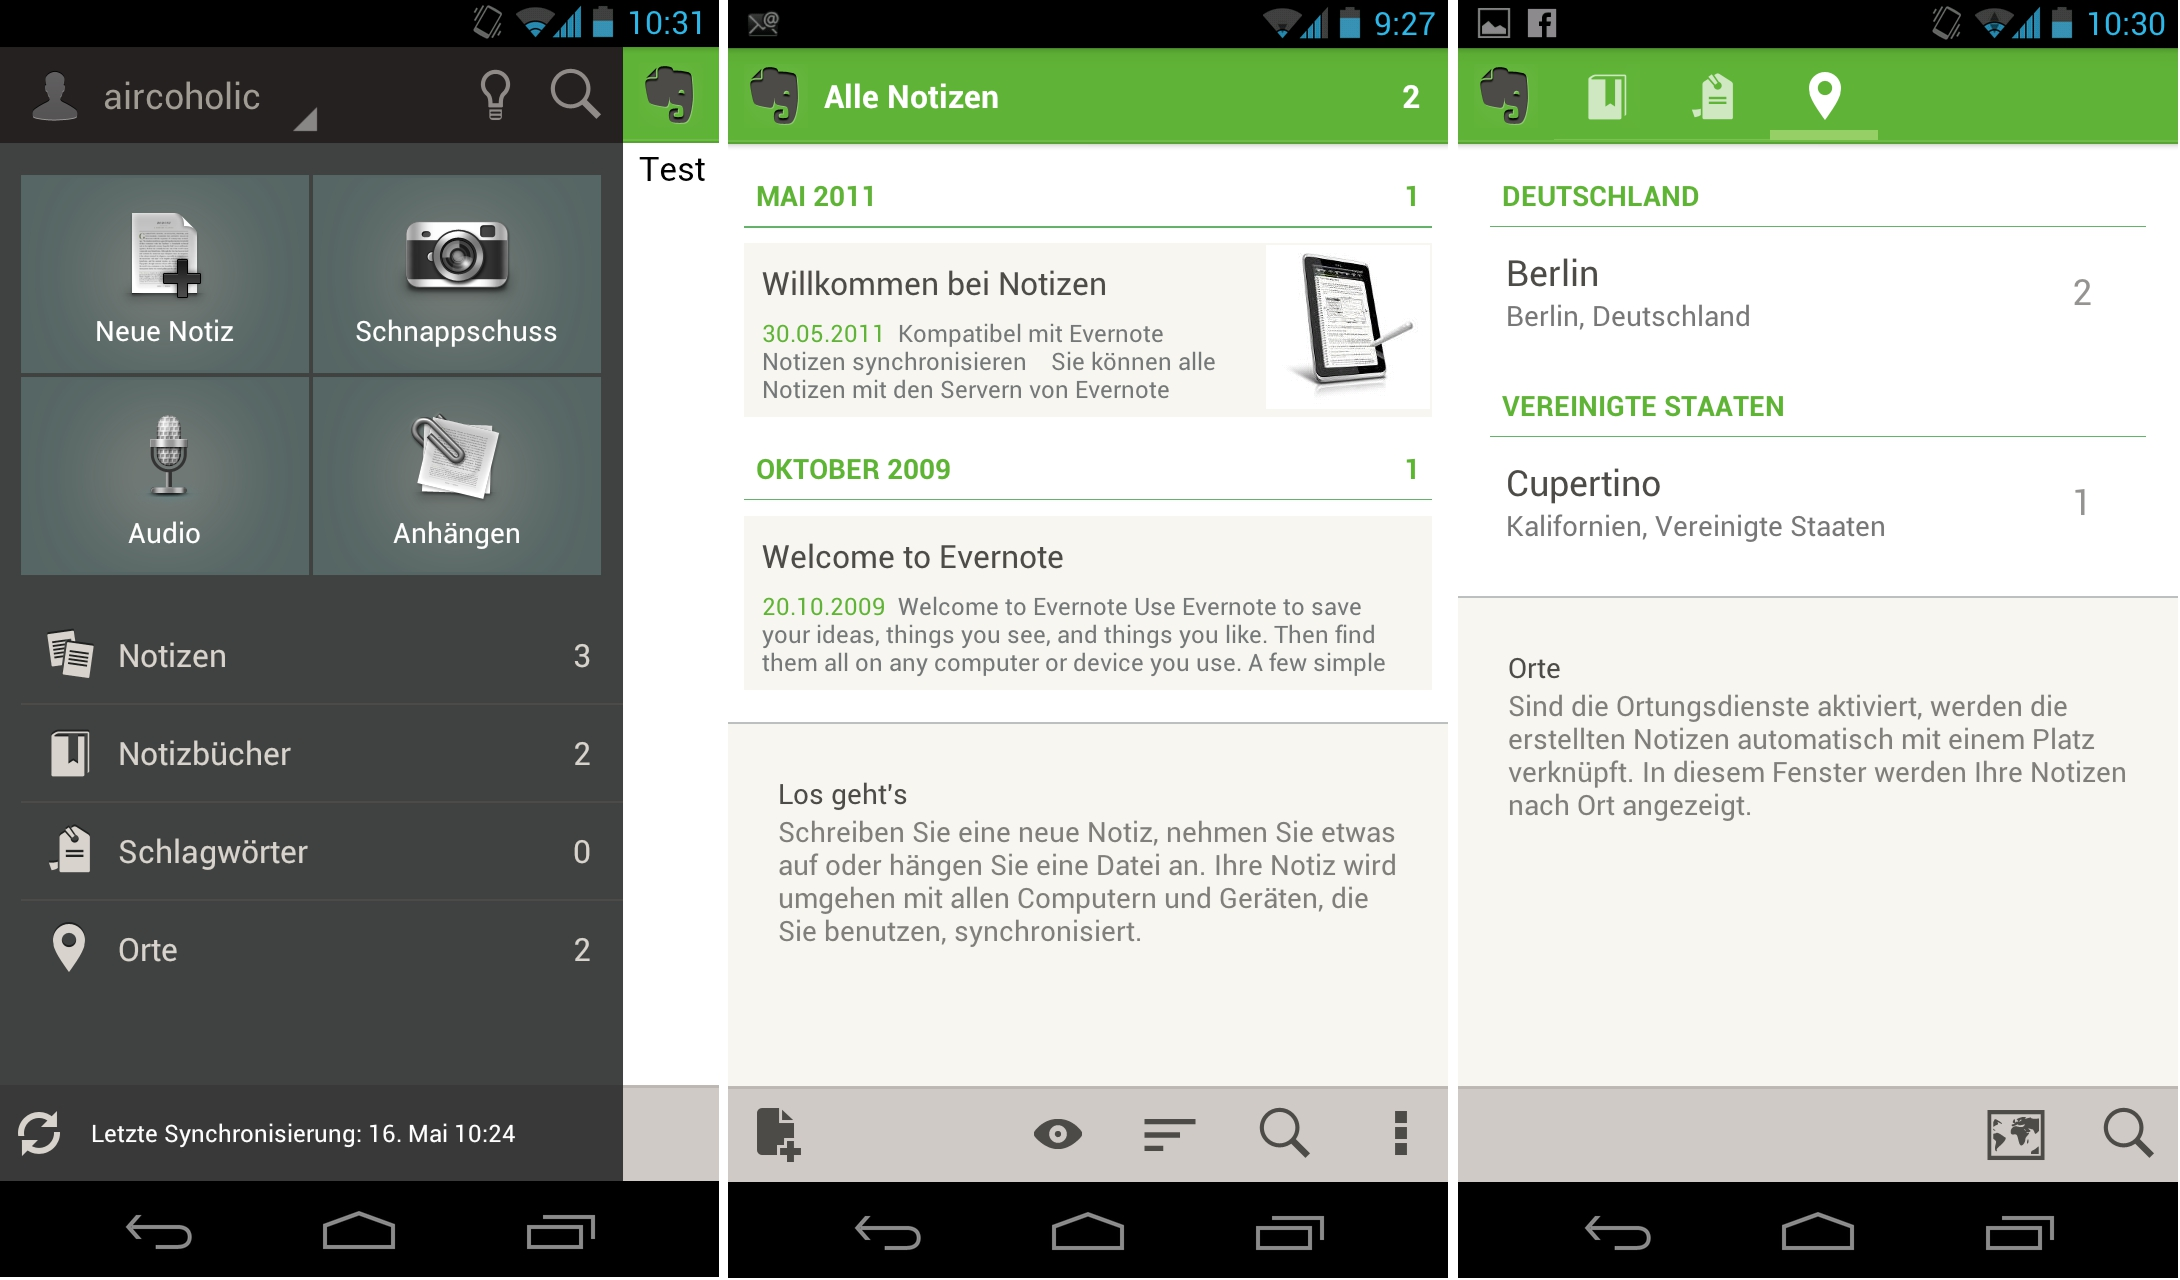 Mejores aplicaciones Samsung Galaxy S4 3